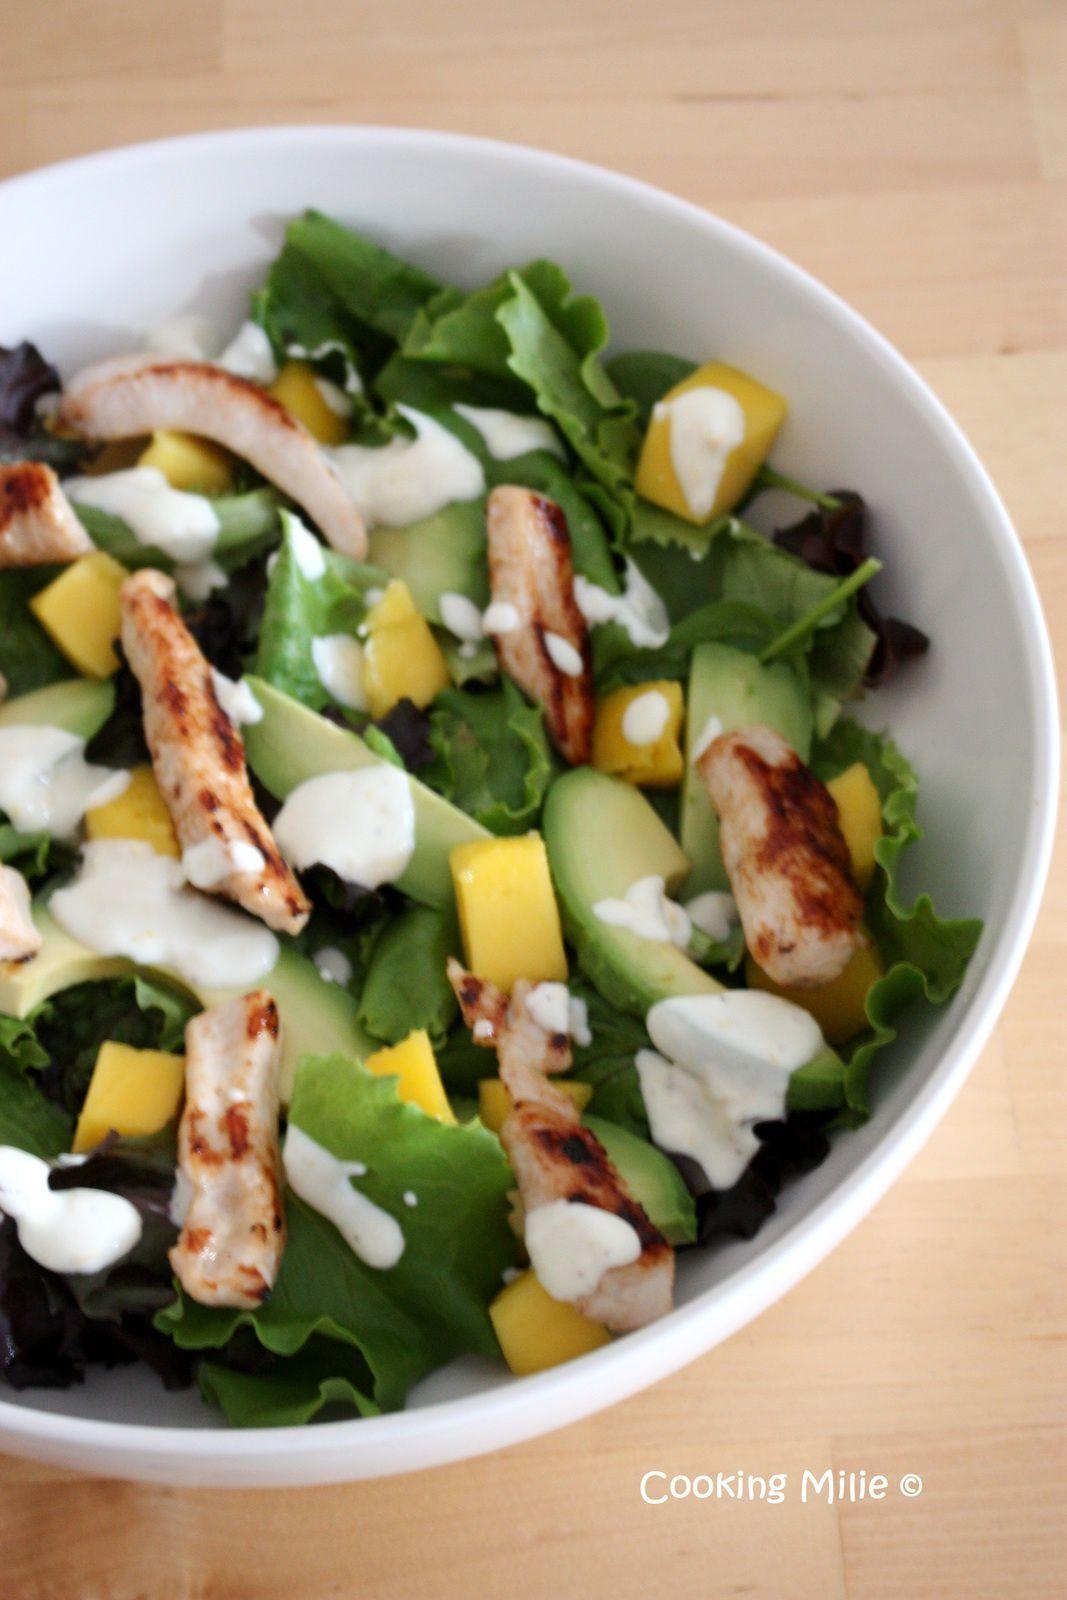 Salade d'avocat à la mangue et au poulet